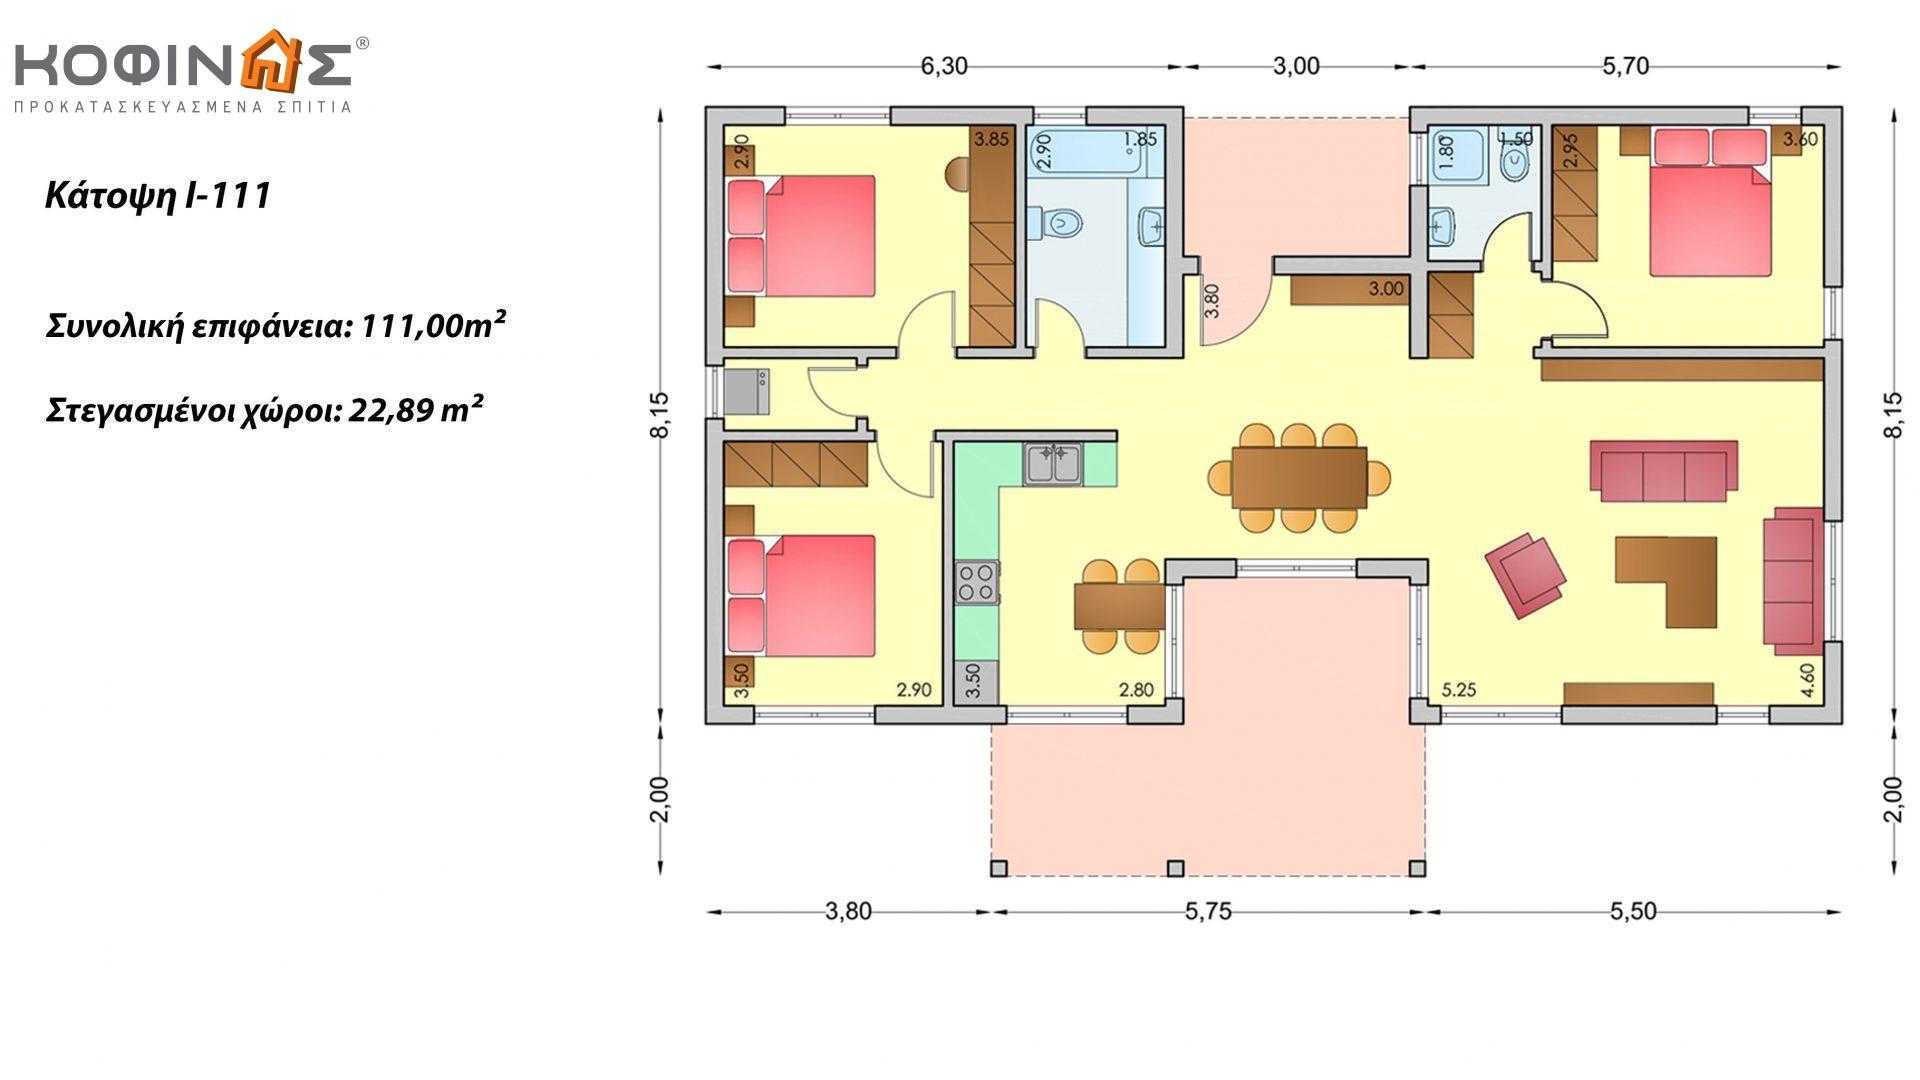 Ισόγεια Κατοικία I-111, συνολικής επιφάνειας 111,00 τ.μ.